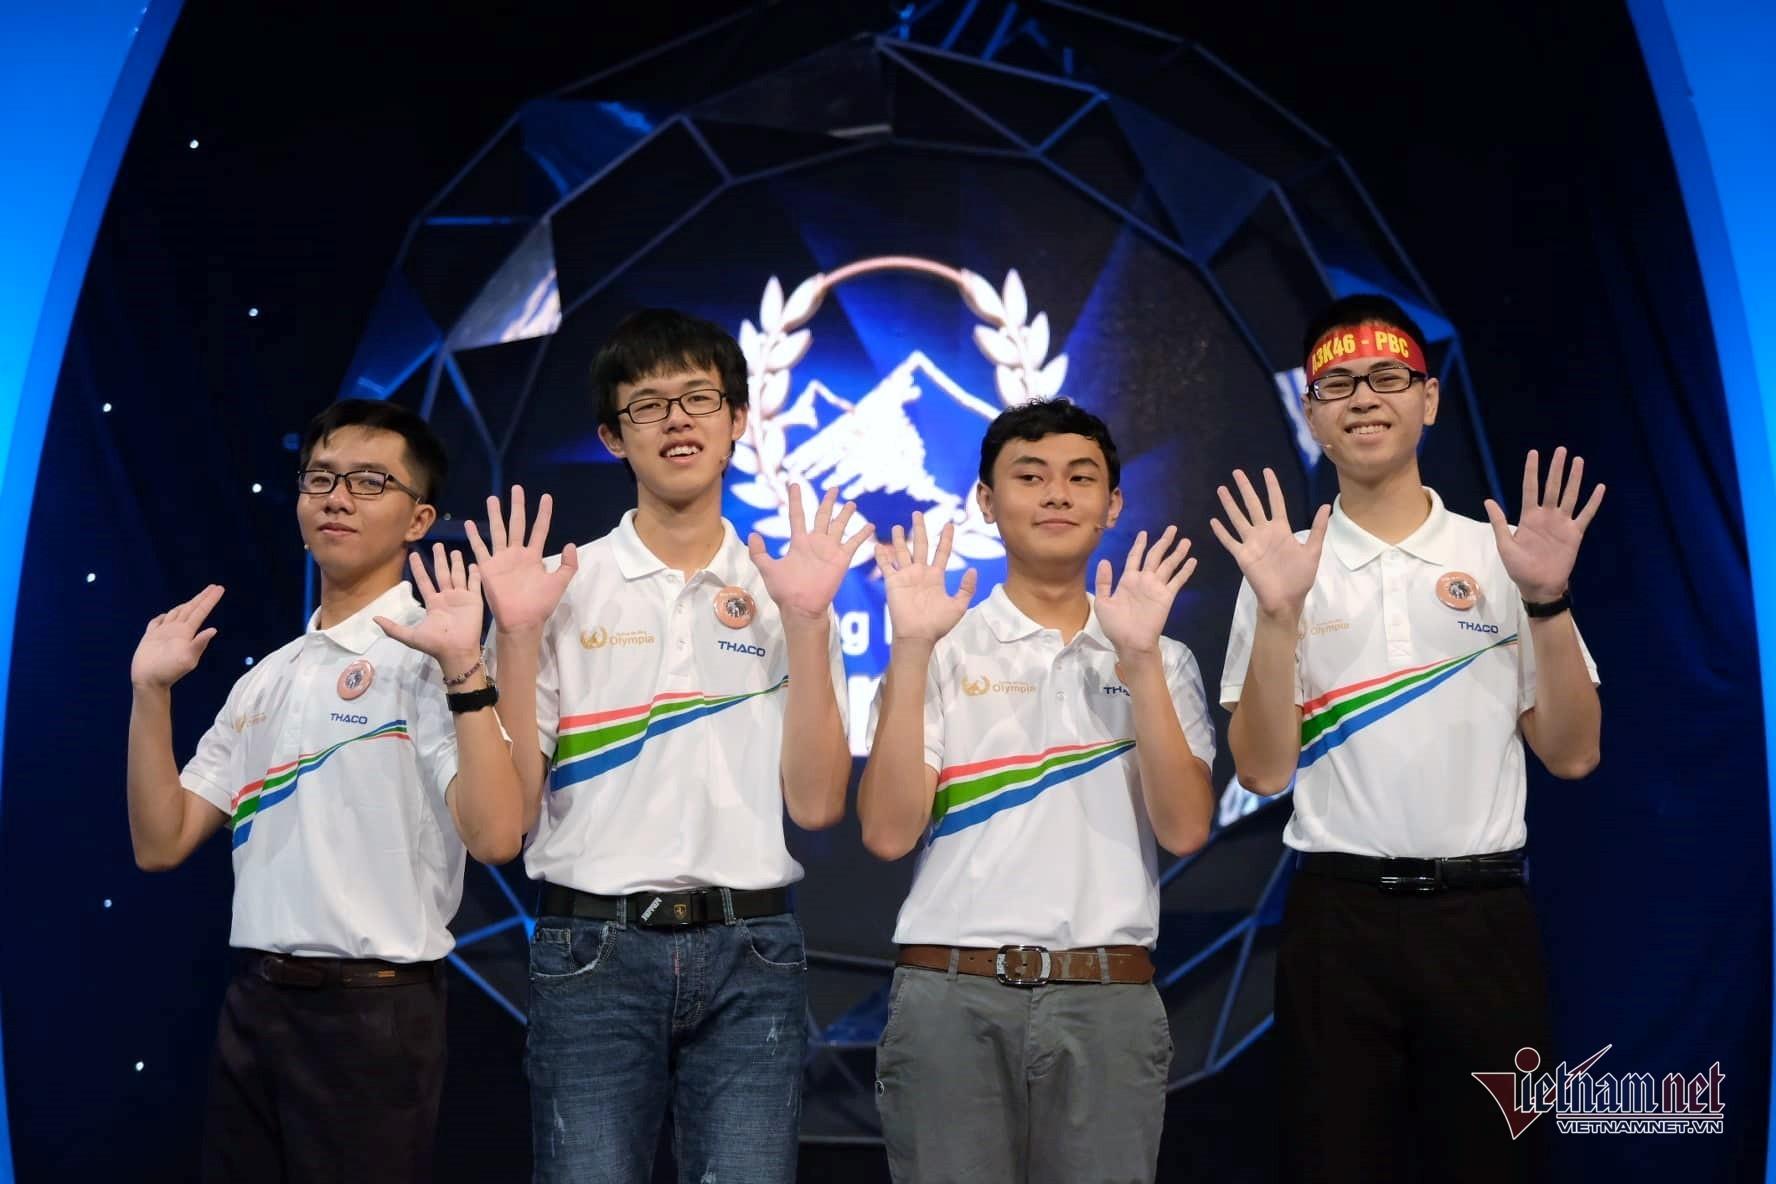 Trần Thế Trung vô địch chung kết Đường lên đỉnh Olympia 2019